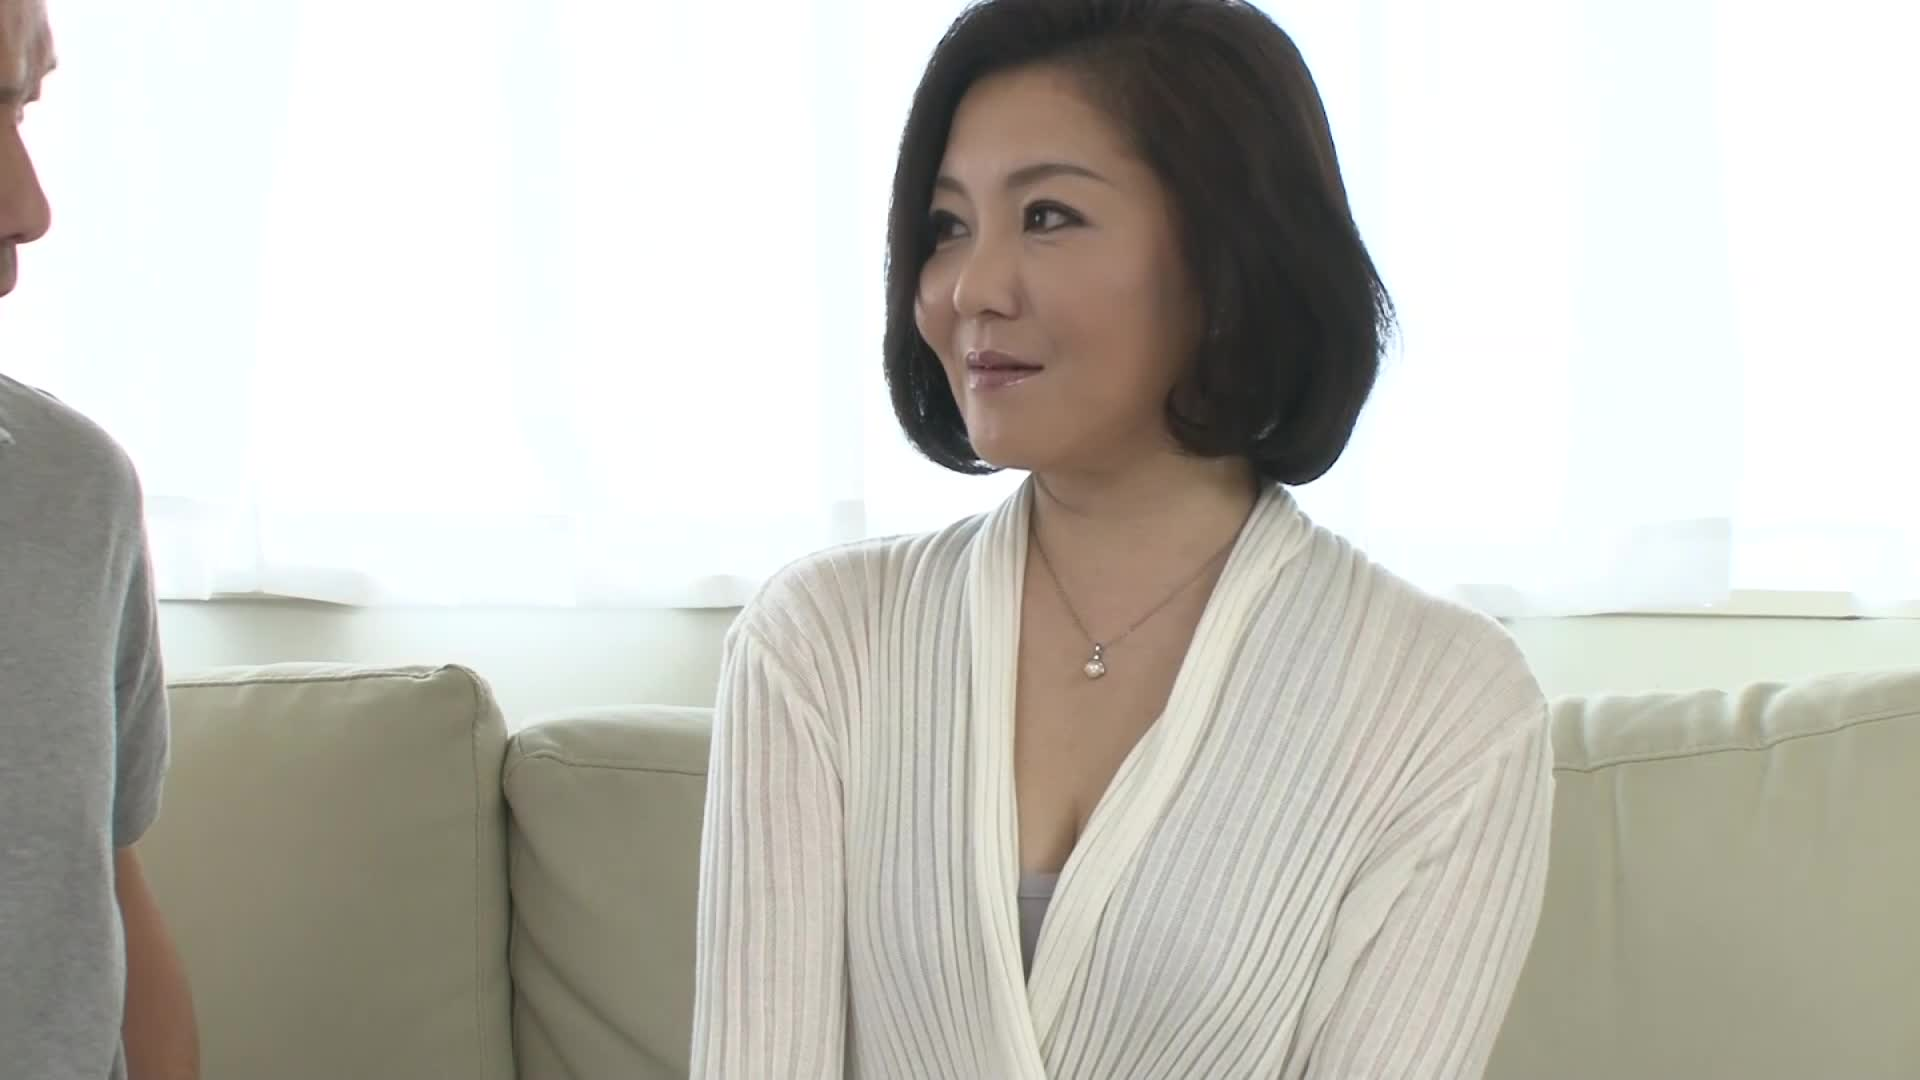 【40代】子持ちの熟女の動画。M気のある40代の上品そうな子持ち熟女の初撮り動画